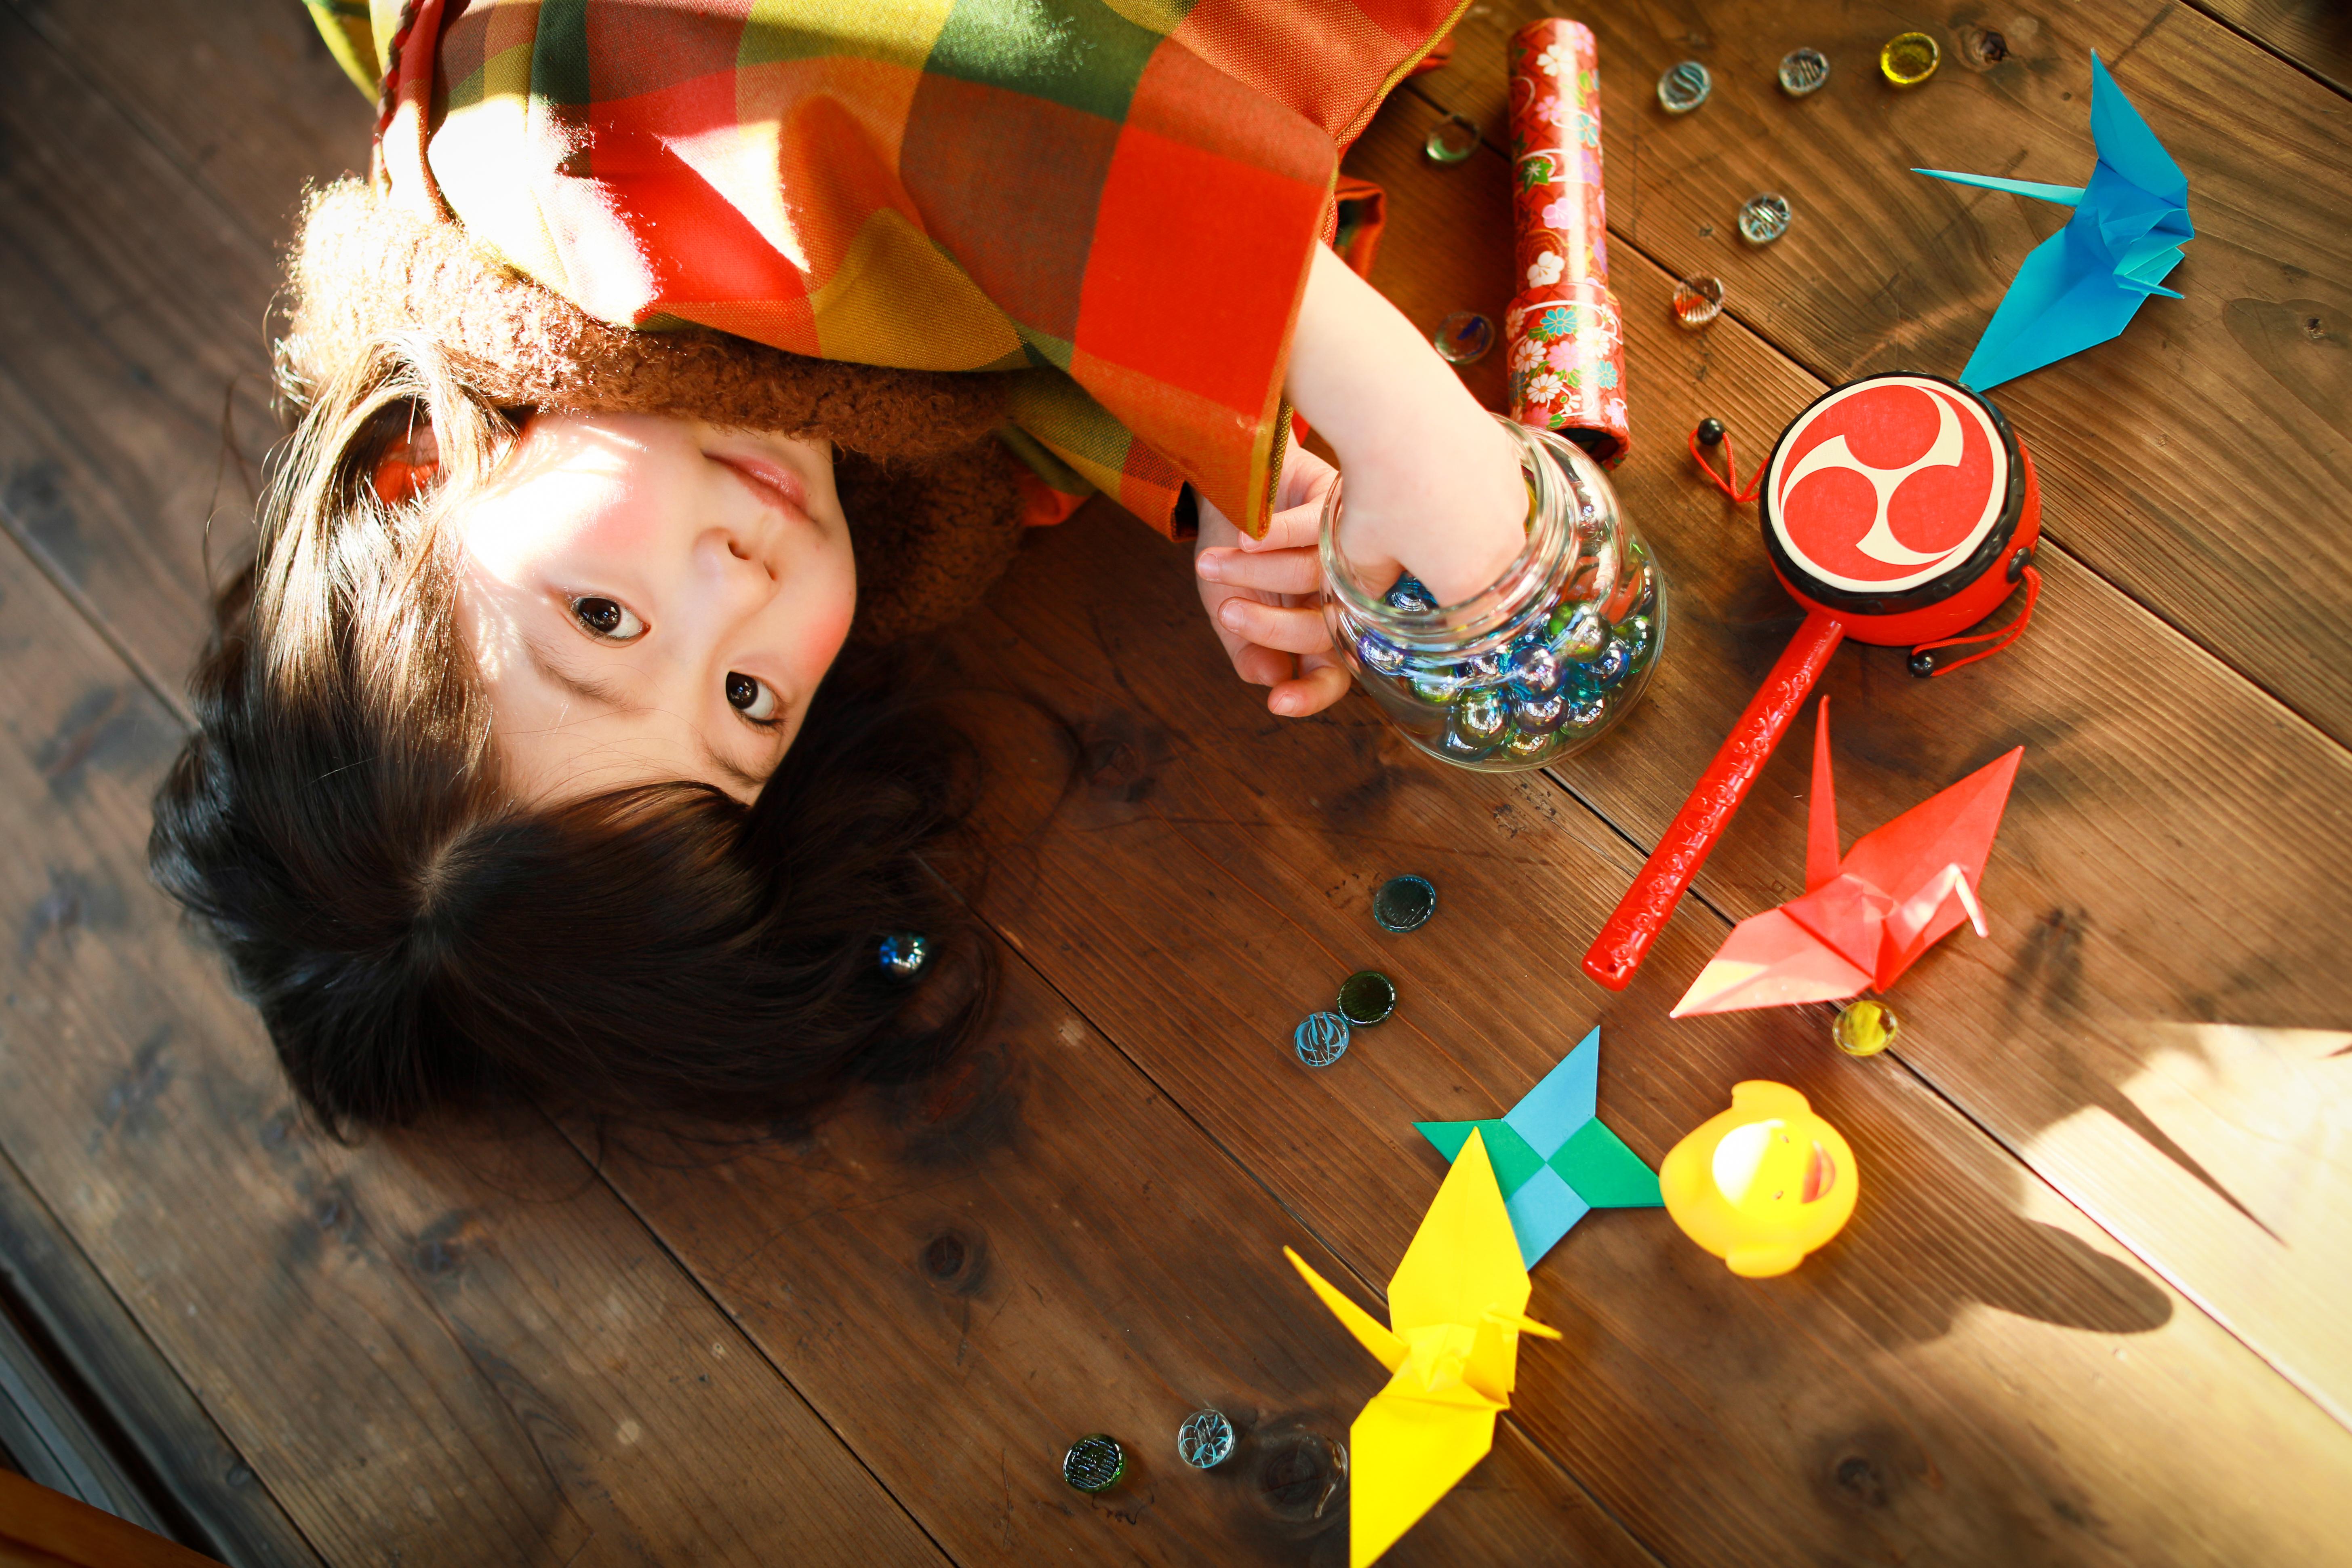 model ryuto